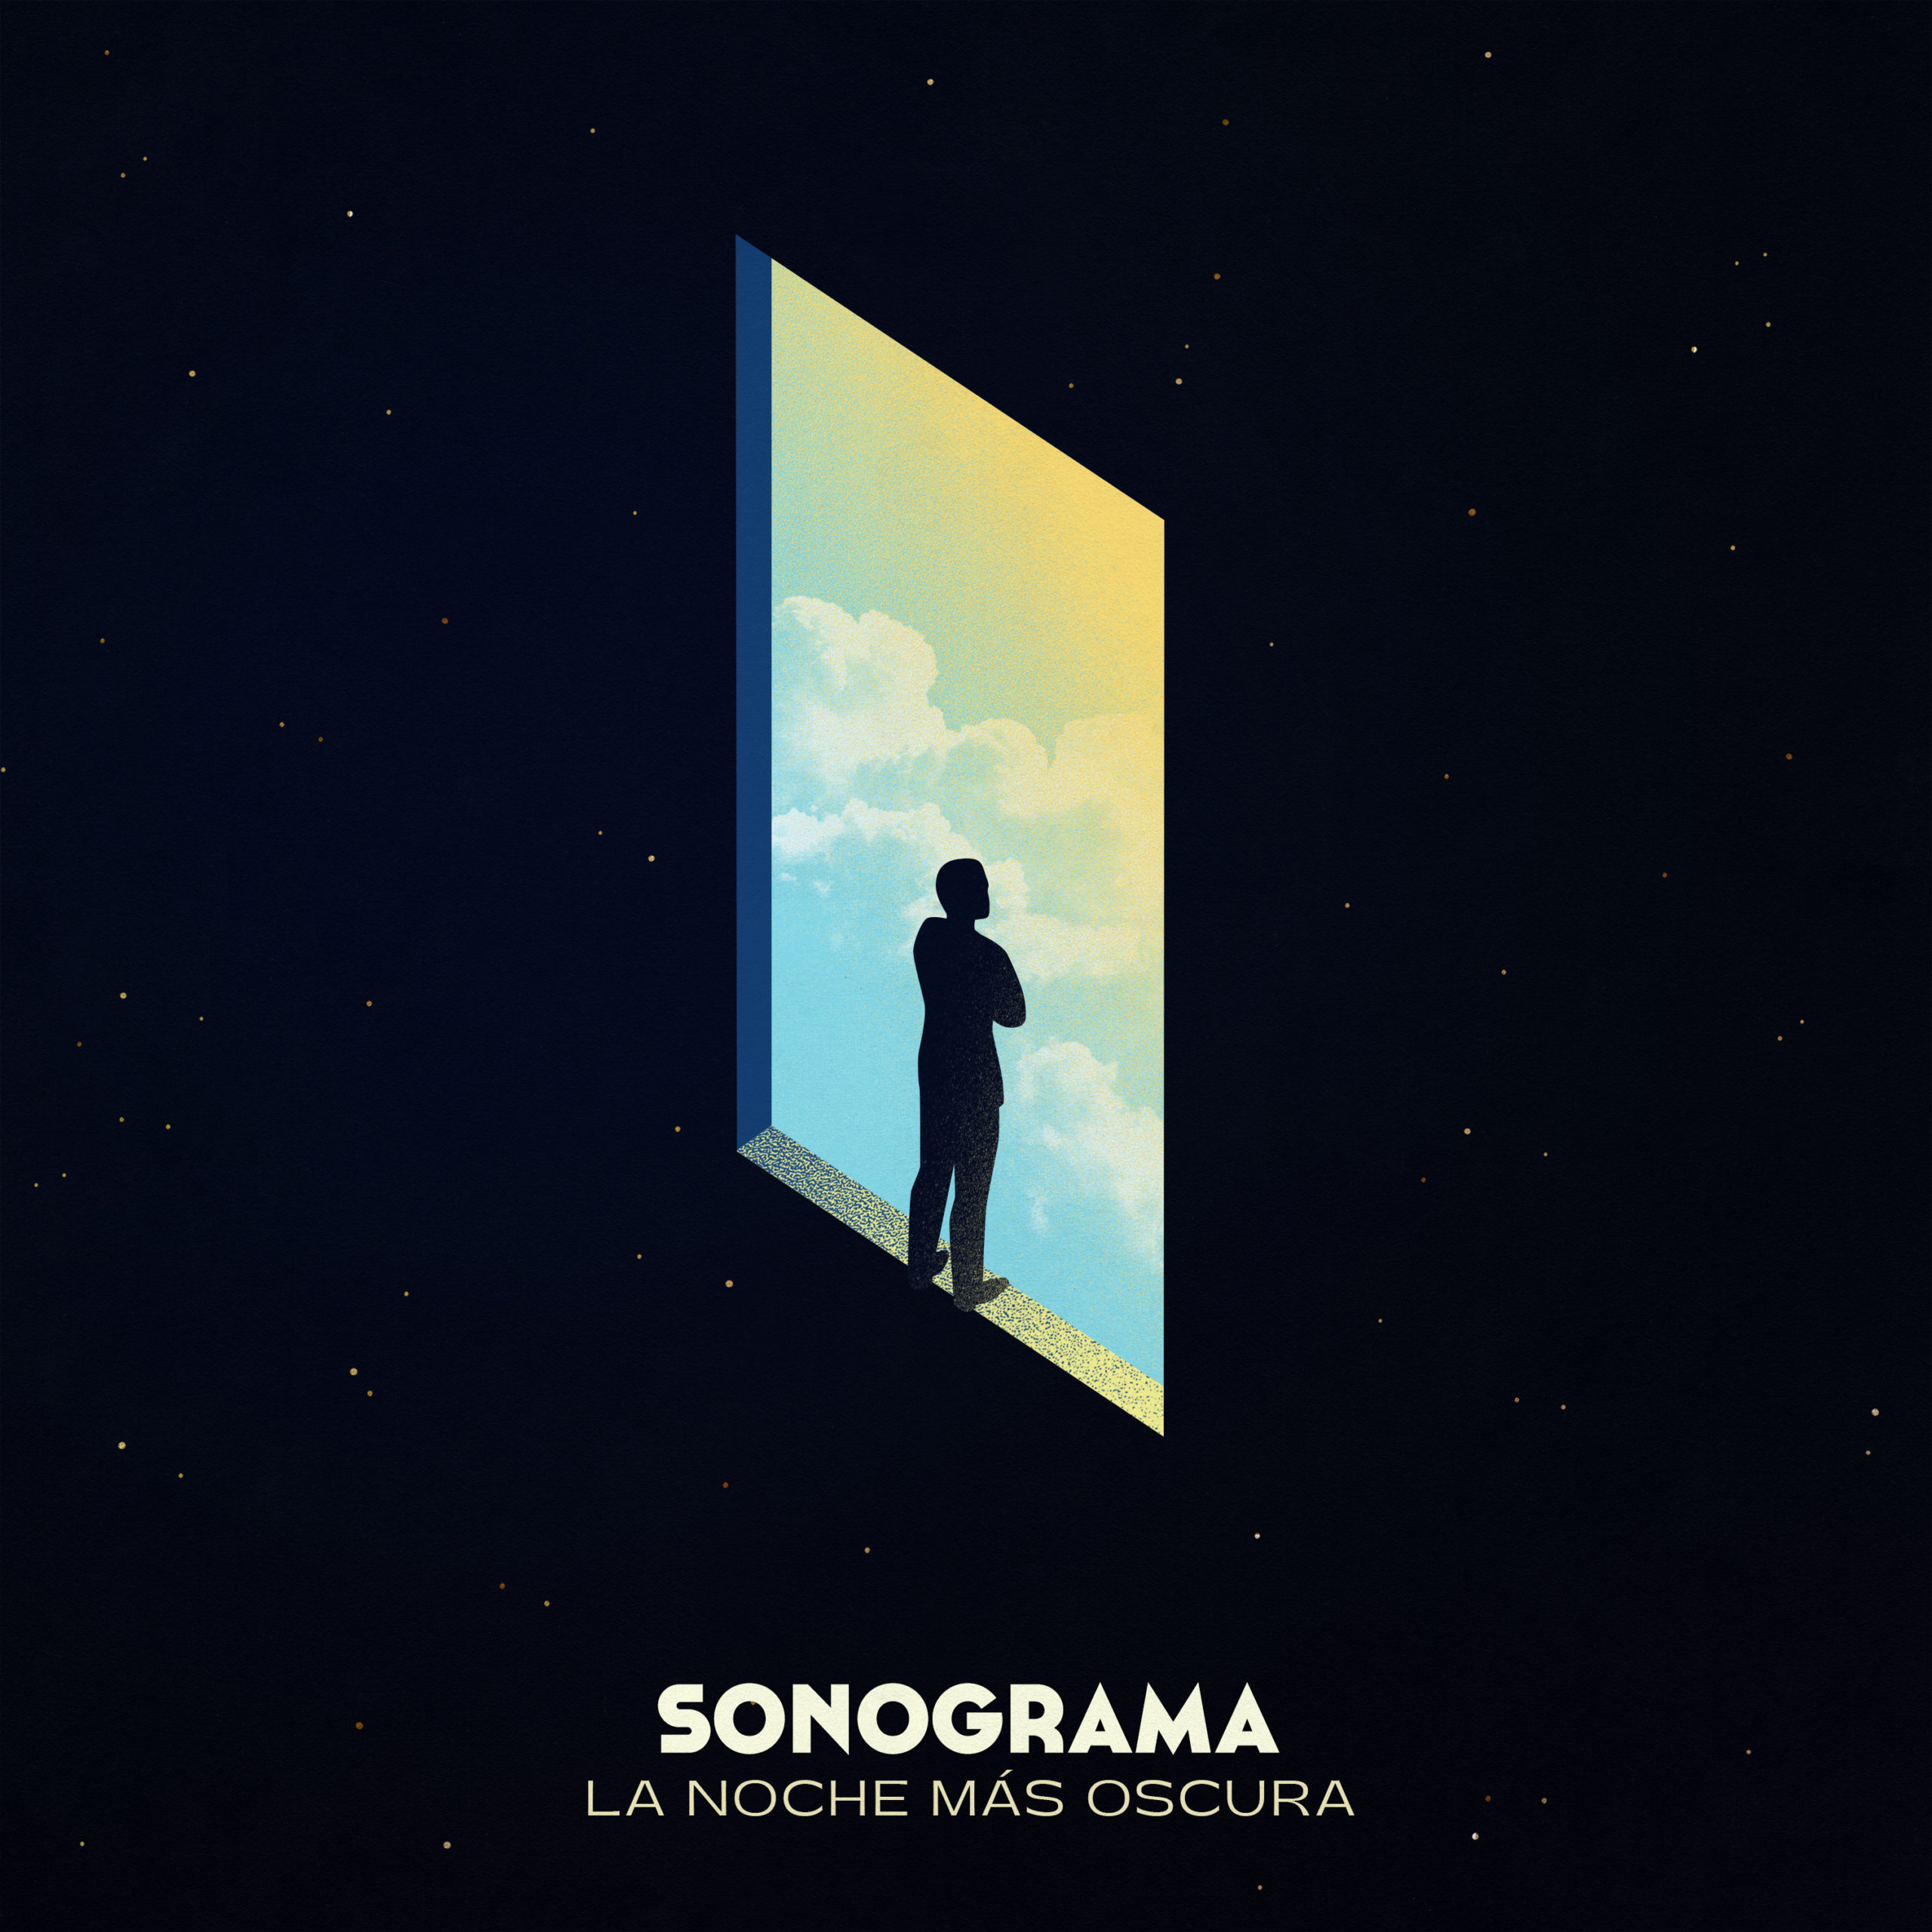 Sonograma_La_Noche_Más_Oscura